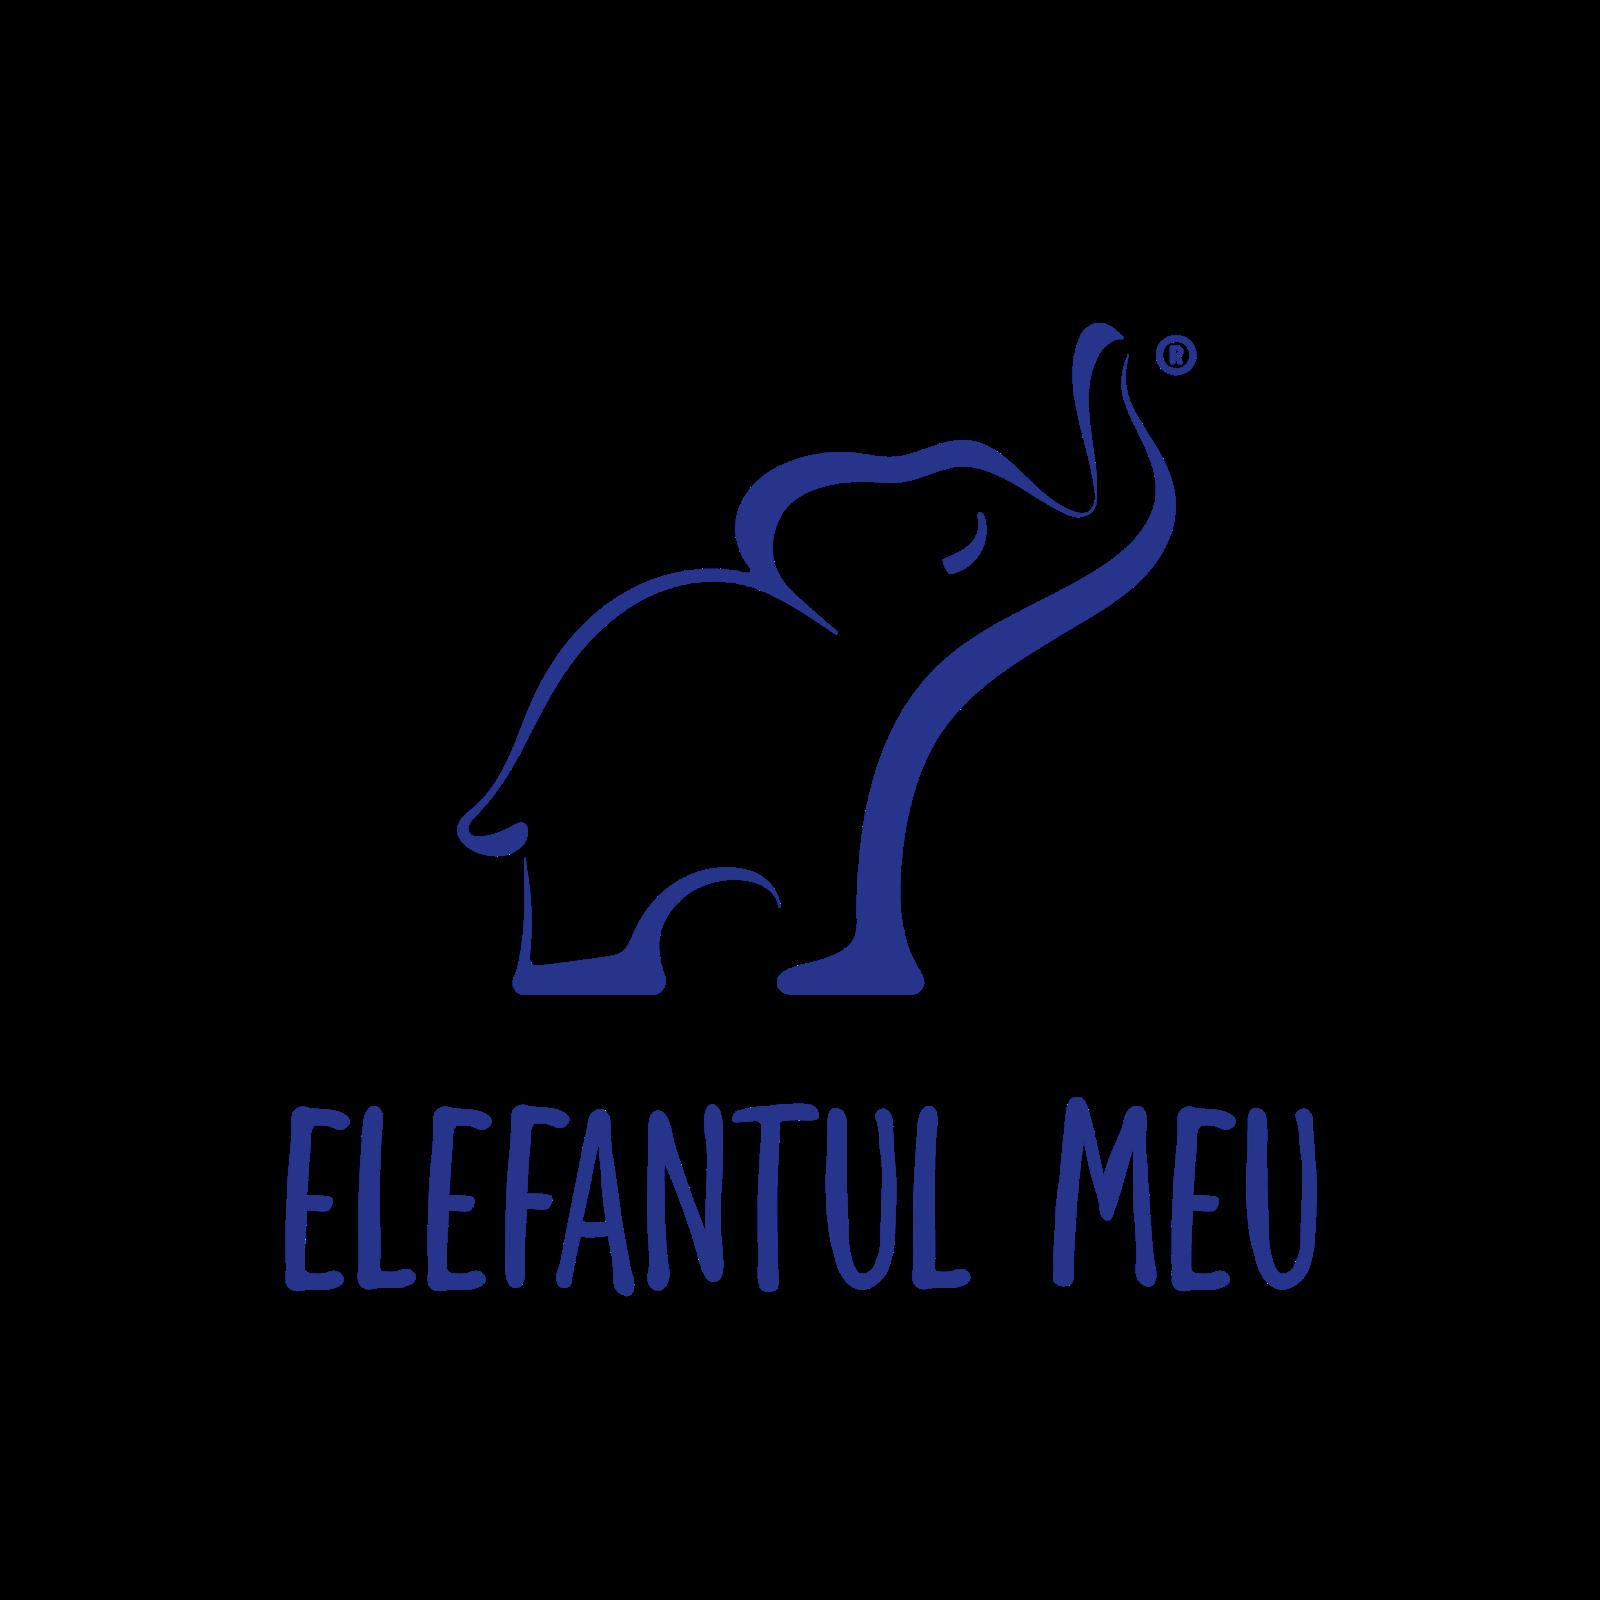 editura Elefantul Meuu